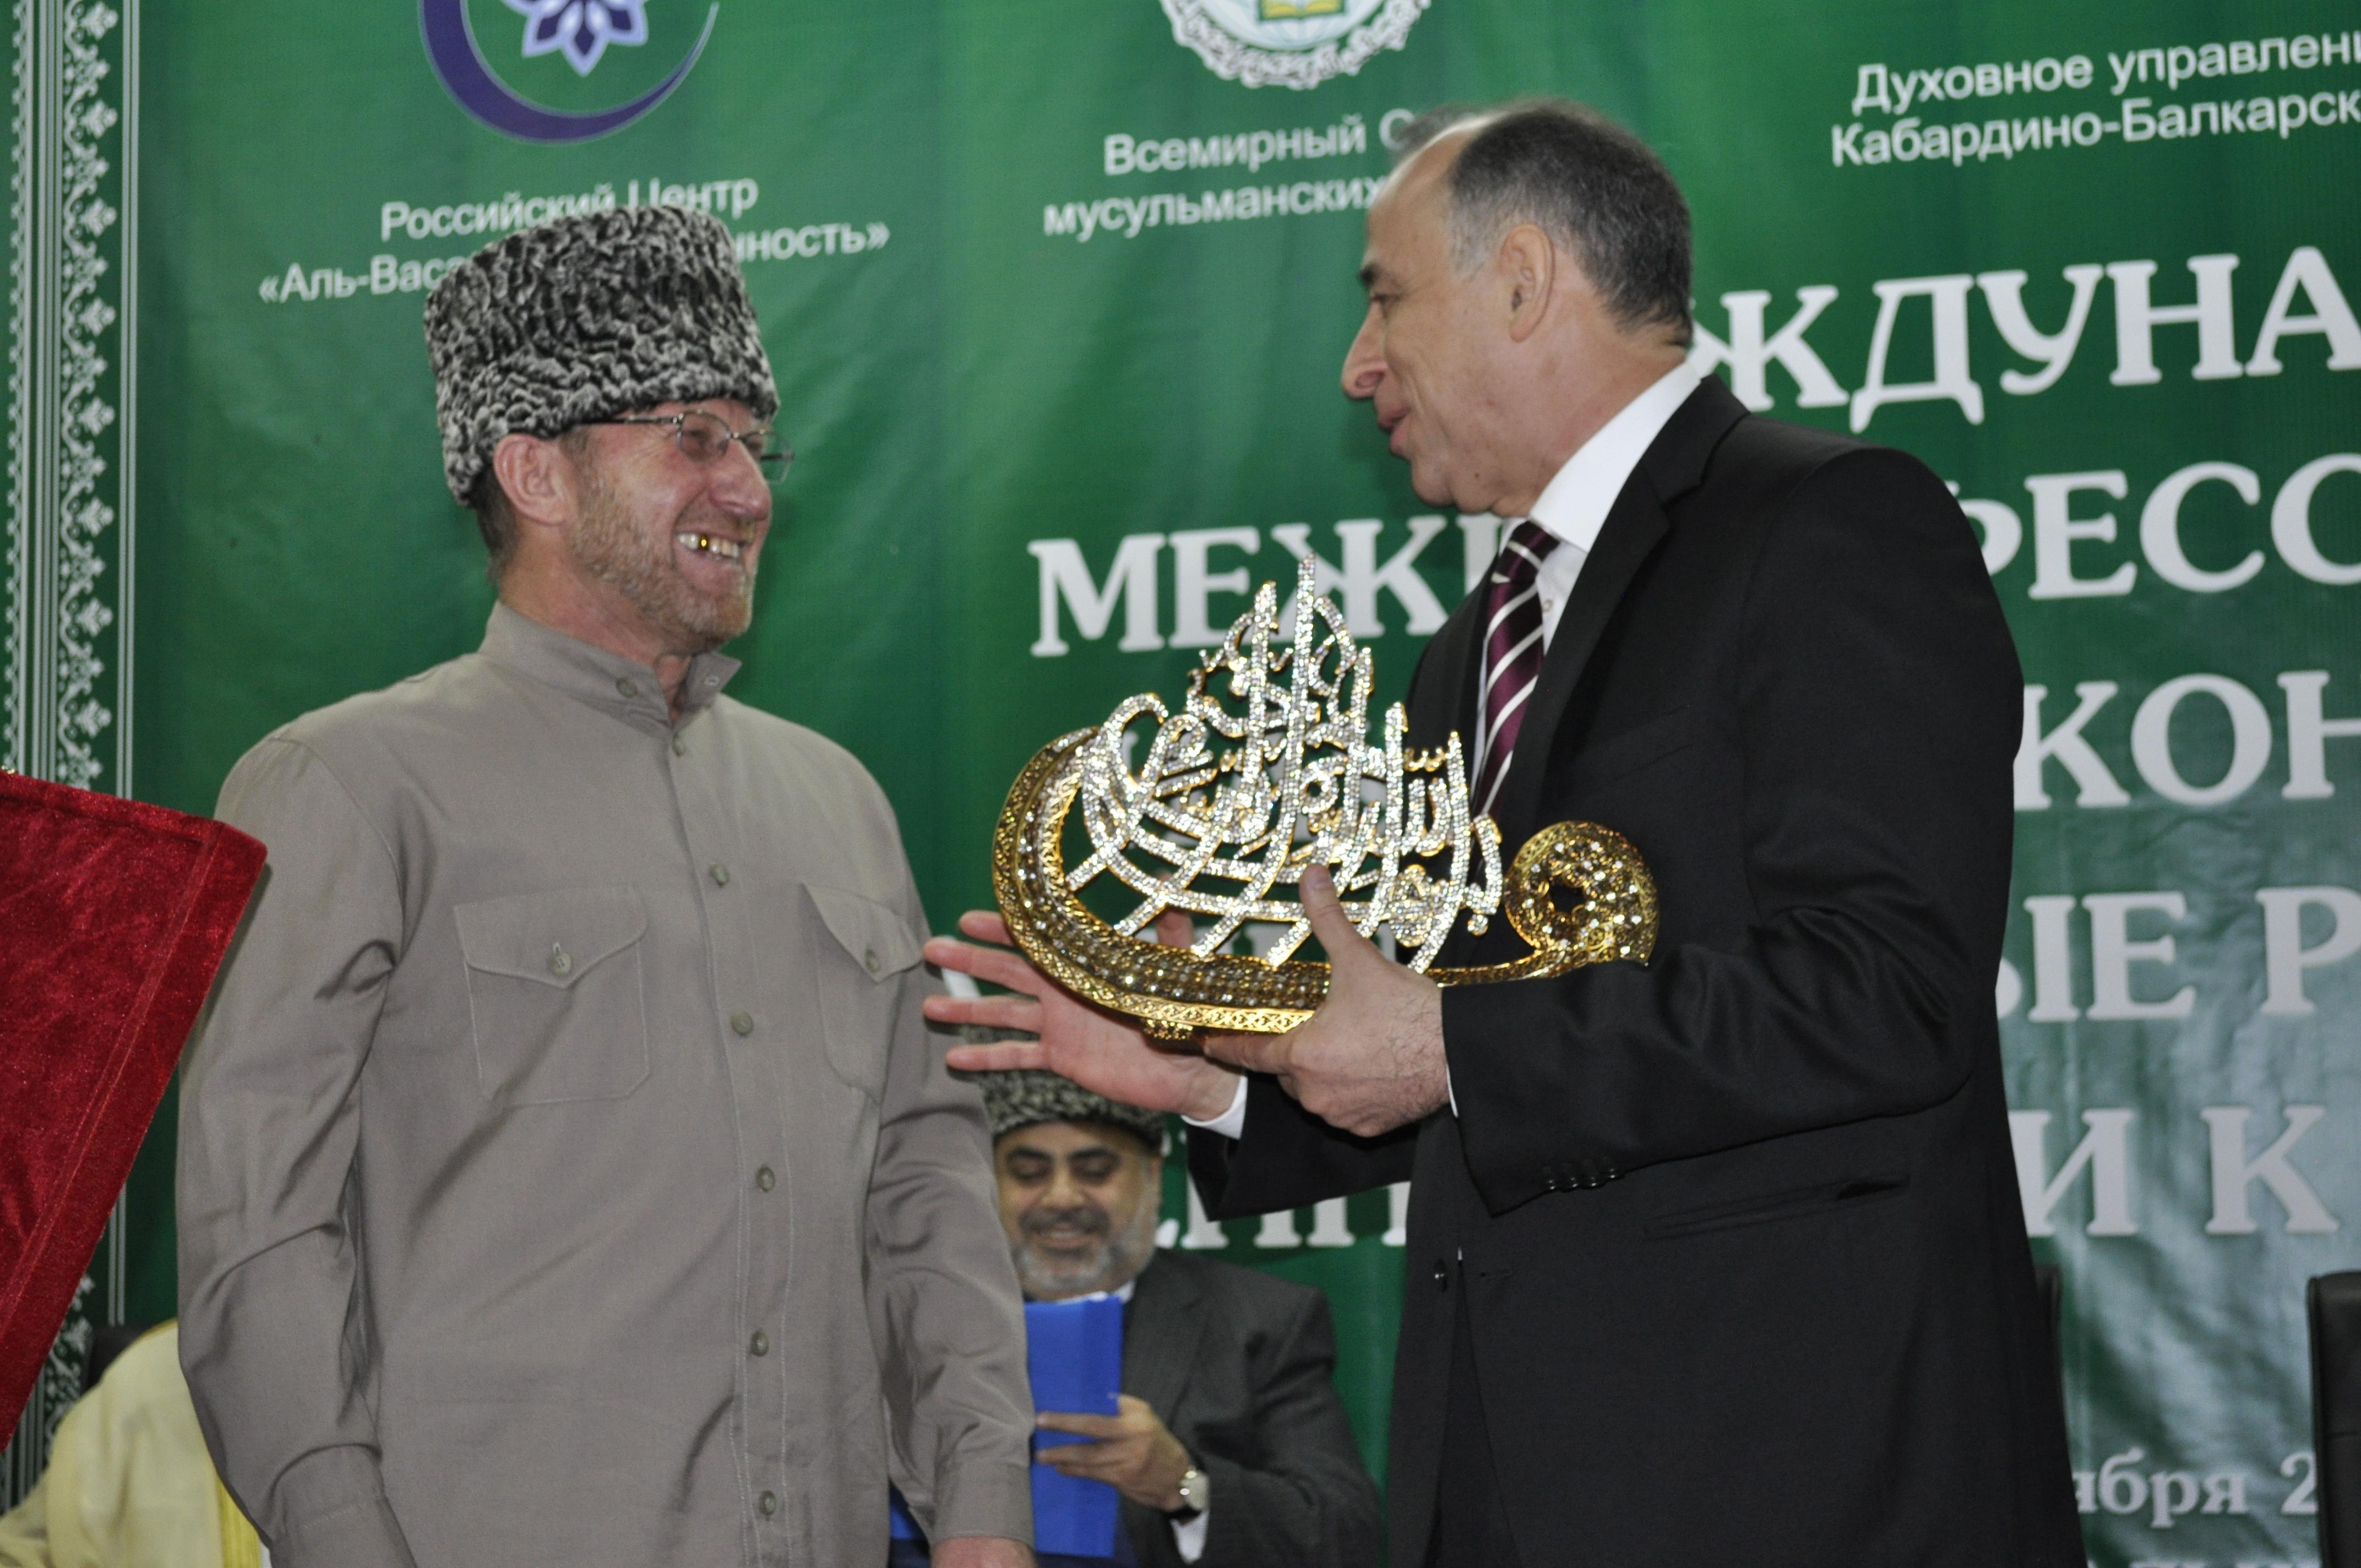 Глава республики оценил подарок муфтия. Фото: ДУМ КБР